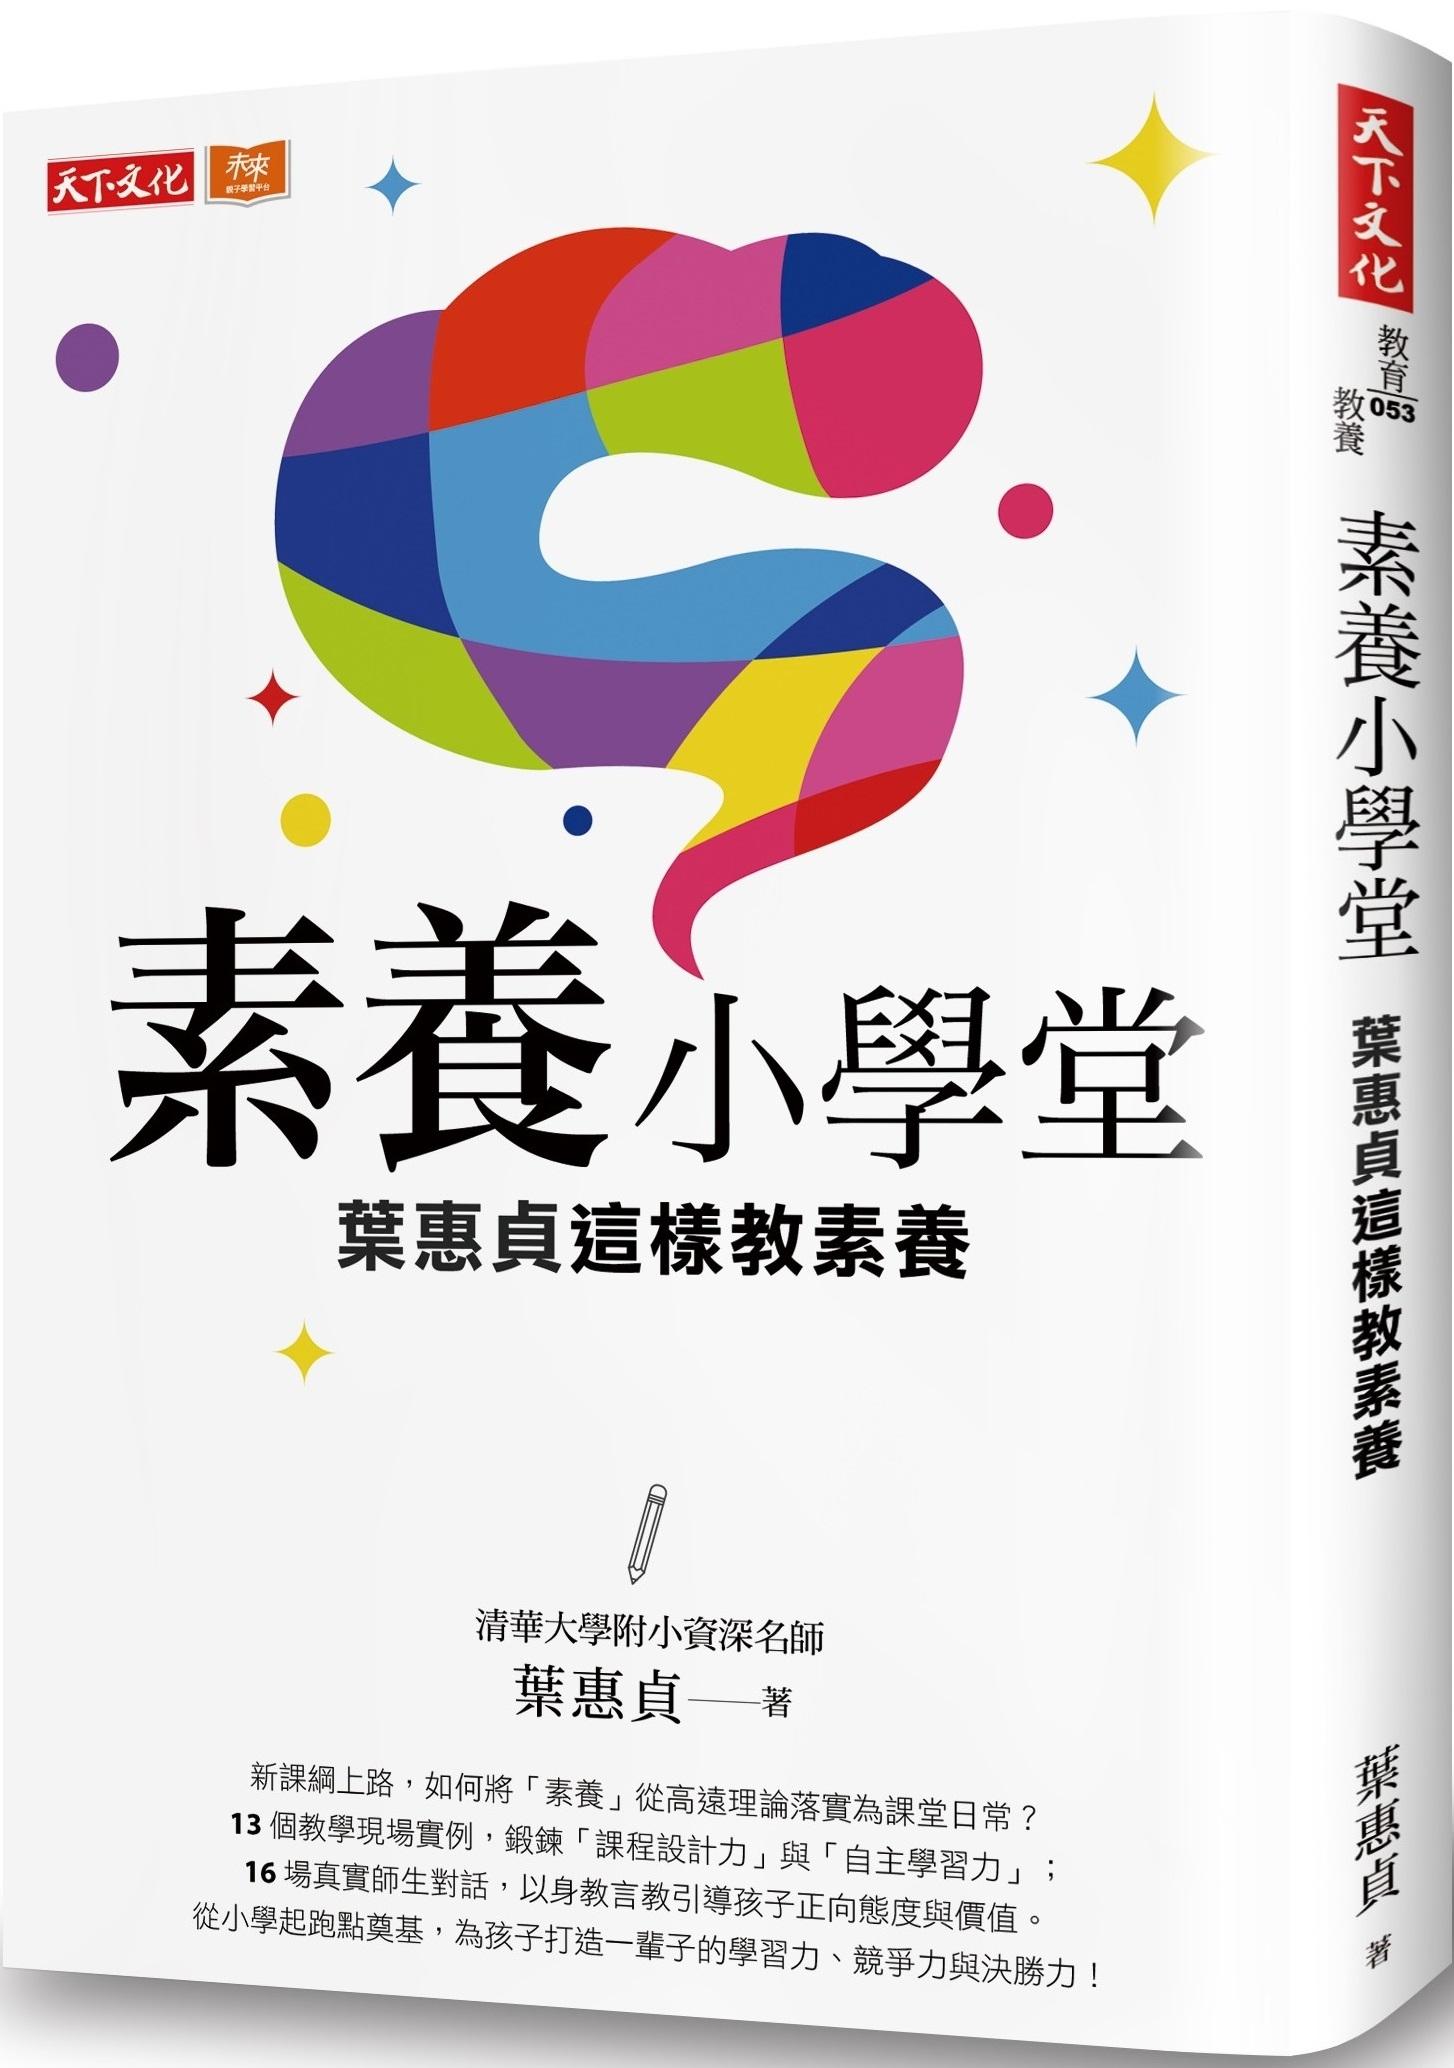 素養小學堂:清華大學附小資深名師葉惠貞這樣教素養